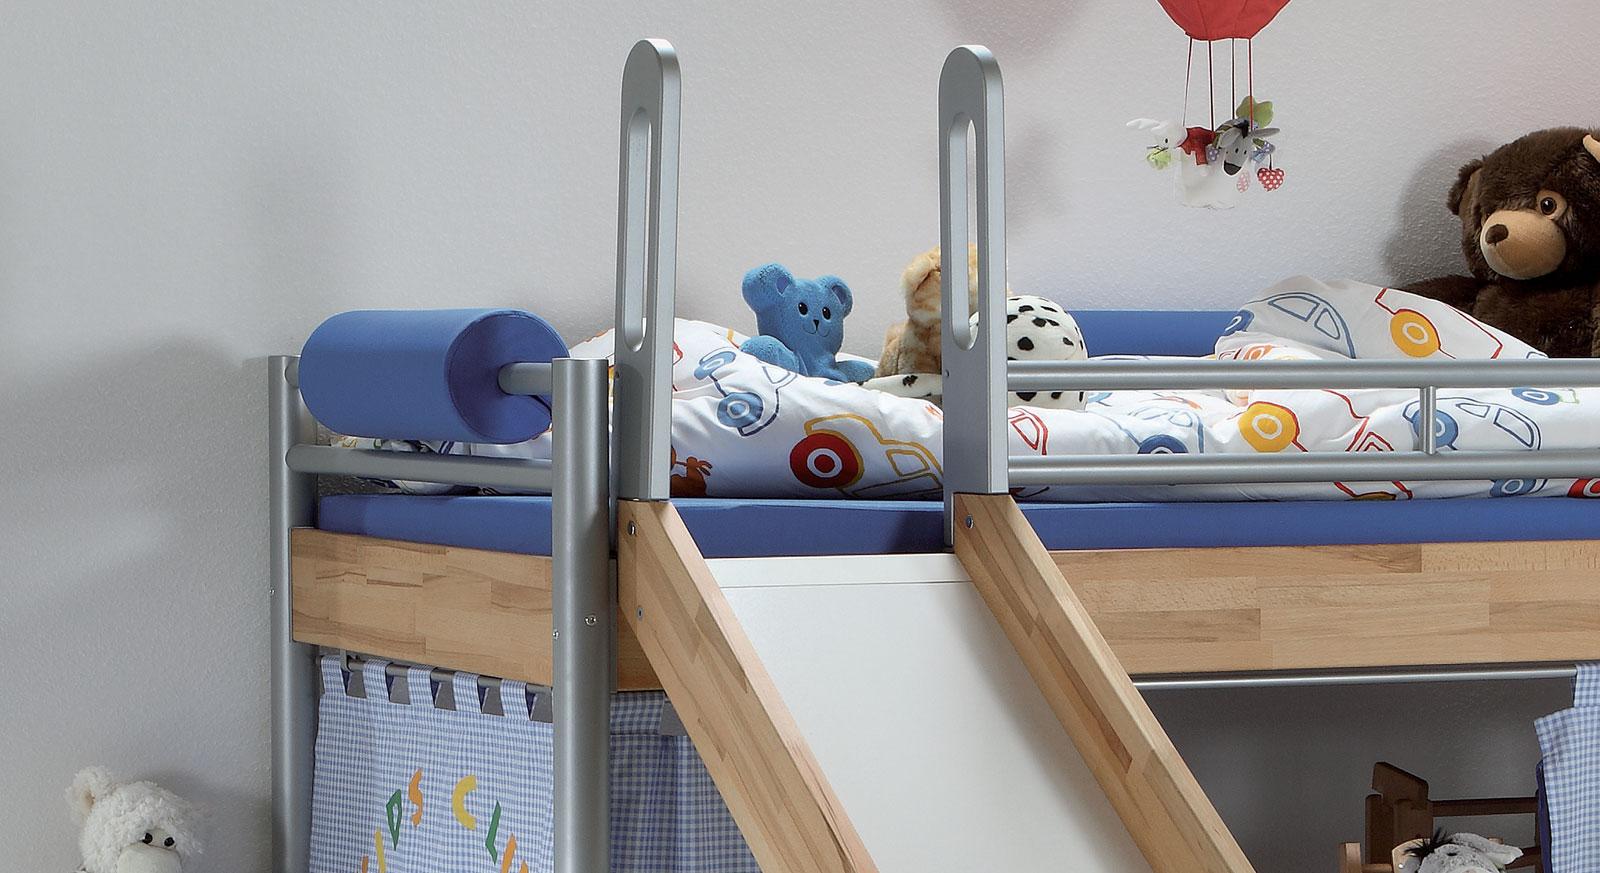 Mini hochbett mini hochbett mit rutsche t v gepr ft kids for Wohnzimmereinrichtung landhausstil